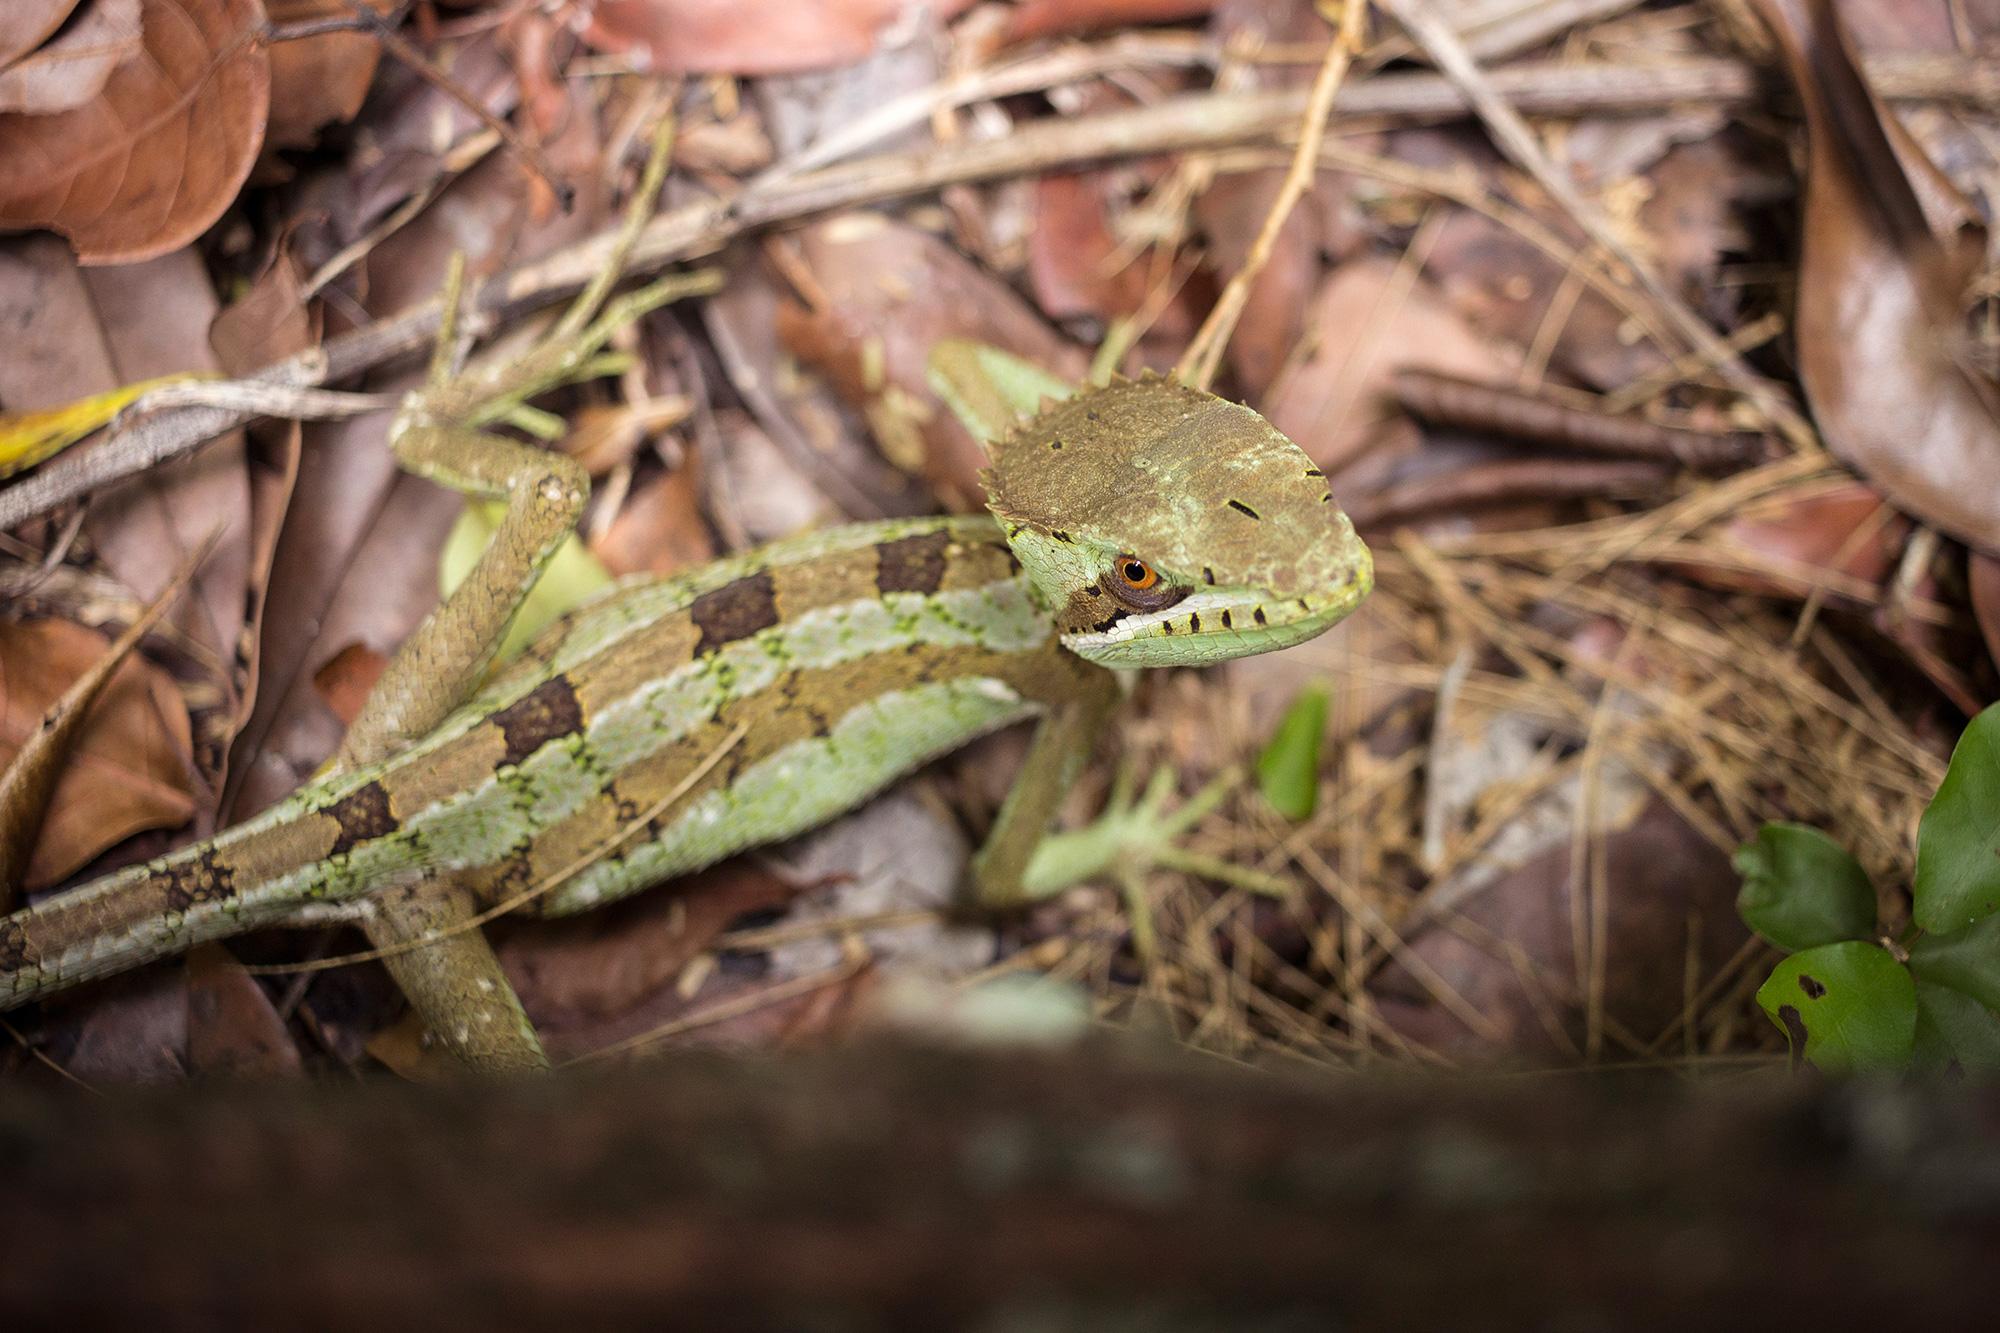 Gecko at El Mirador, Petén